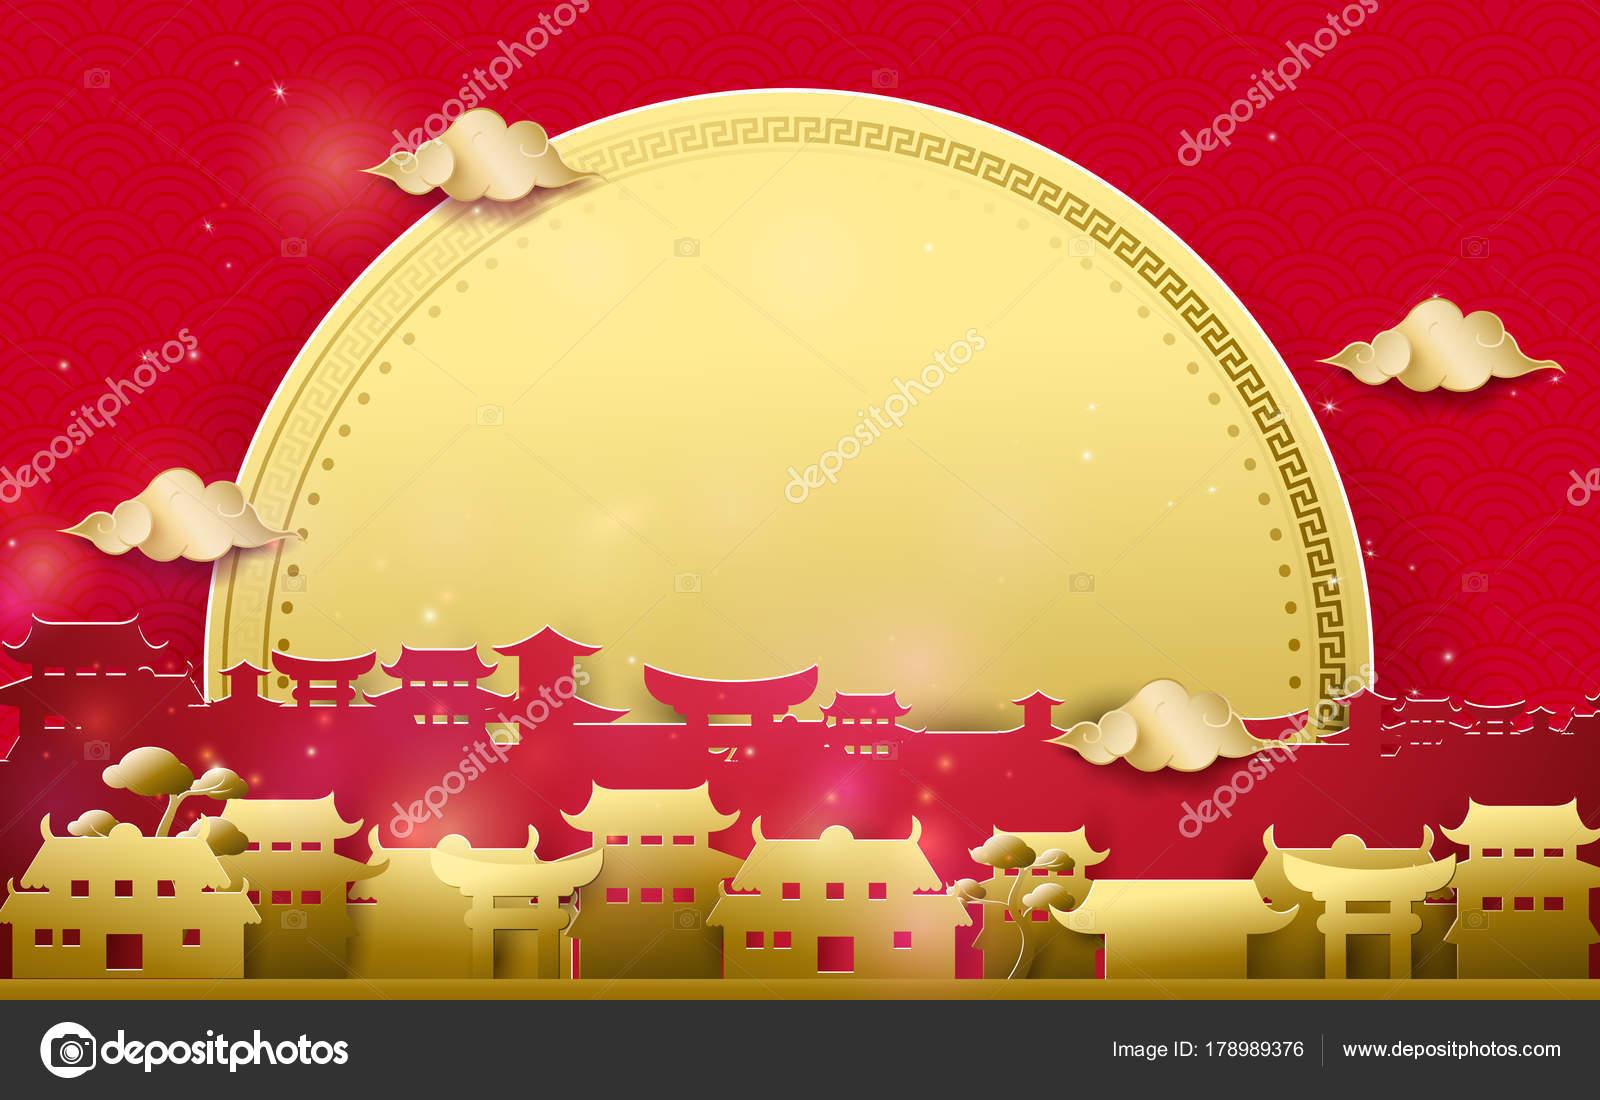 Frohes neues Jahr Gruß. Gold und rote chinesische Dorf mit großen ...